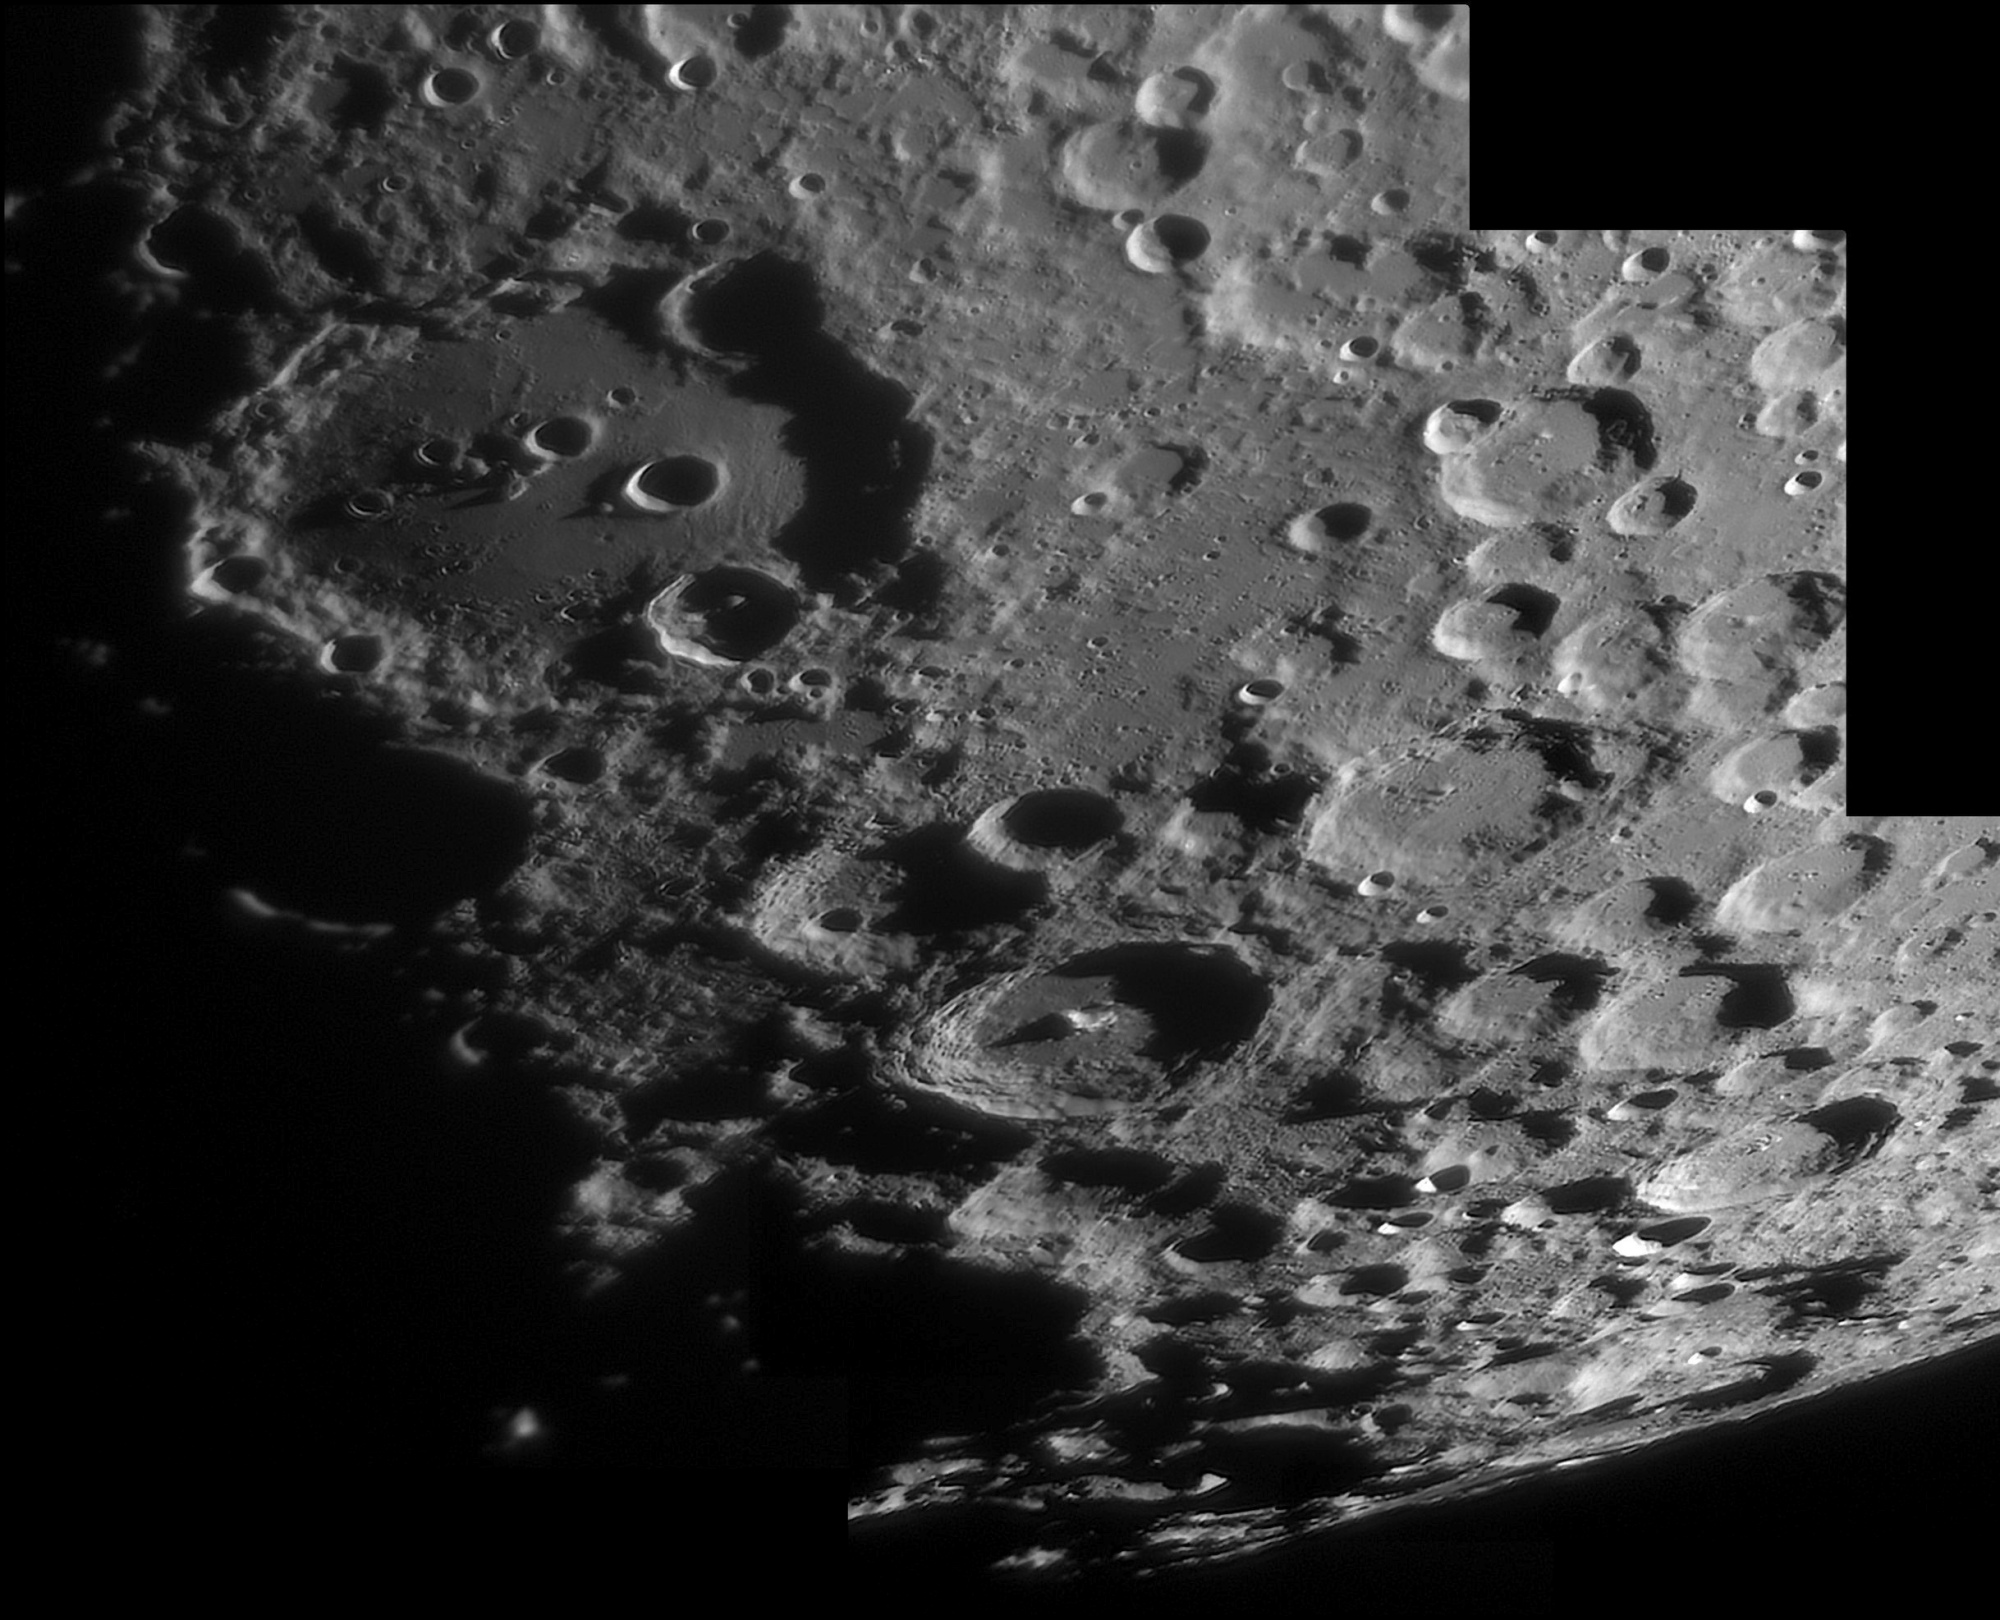 20210520-C8-G-ASI178-panorama.thumb.jpg.6640605de8f1beb364f8a5400dba6c3a.jpg